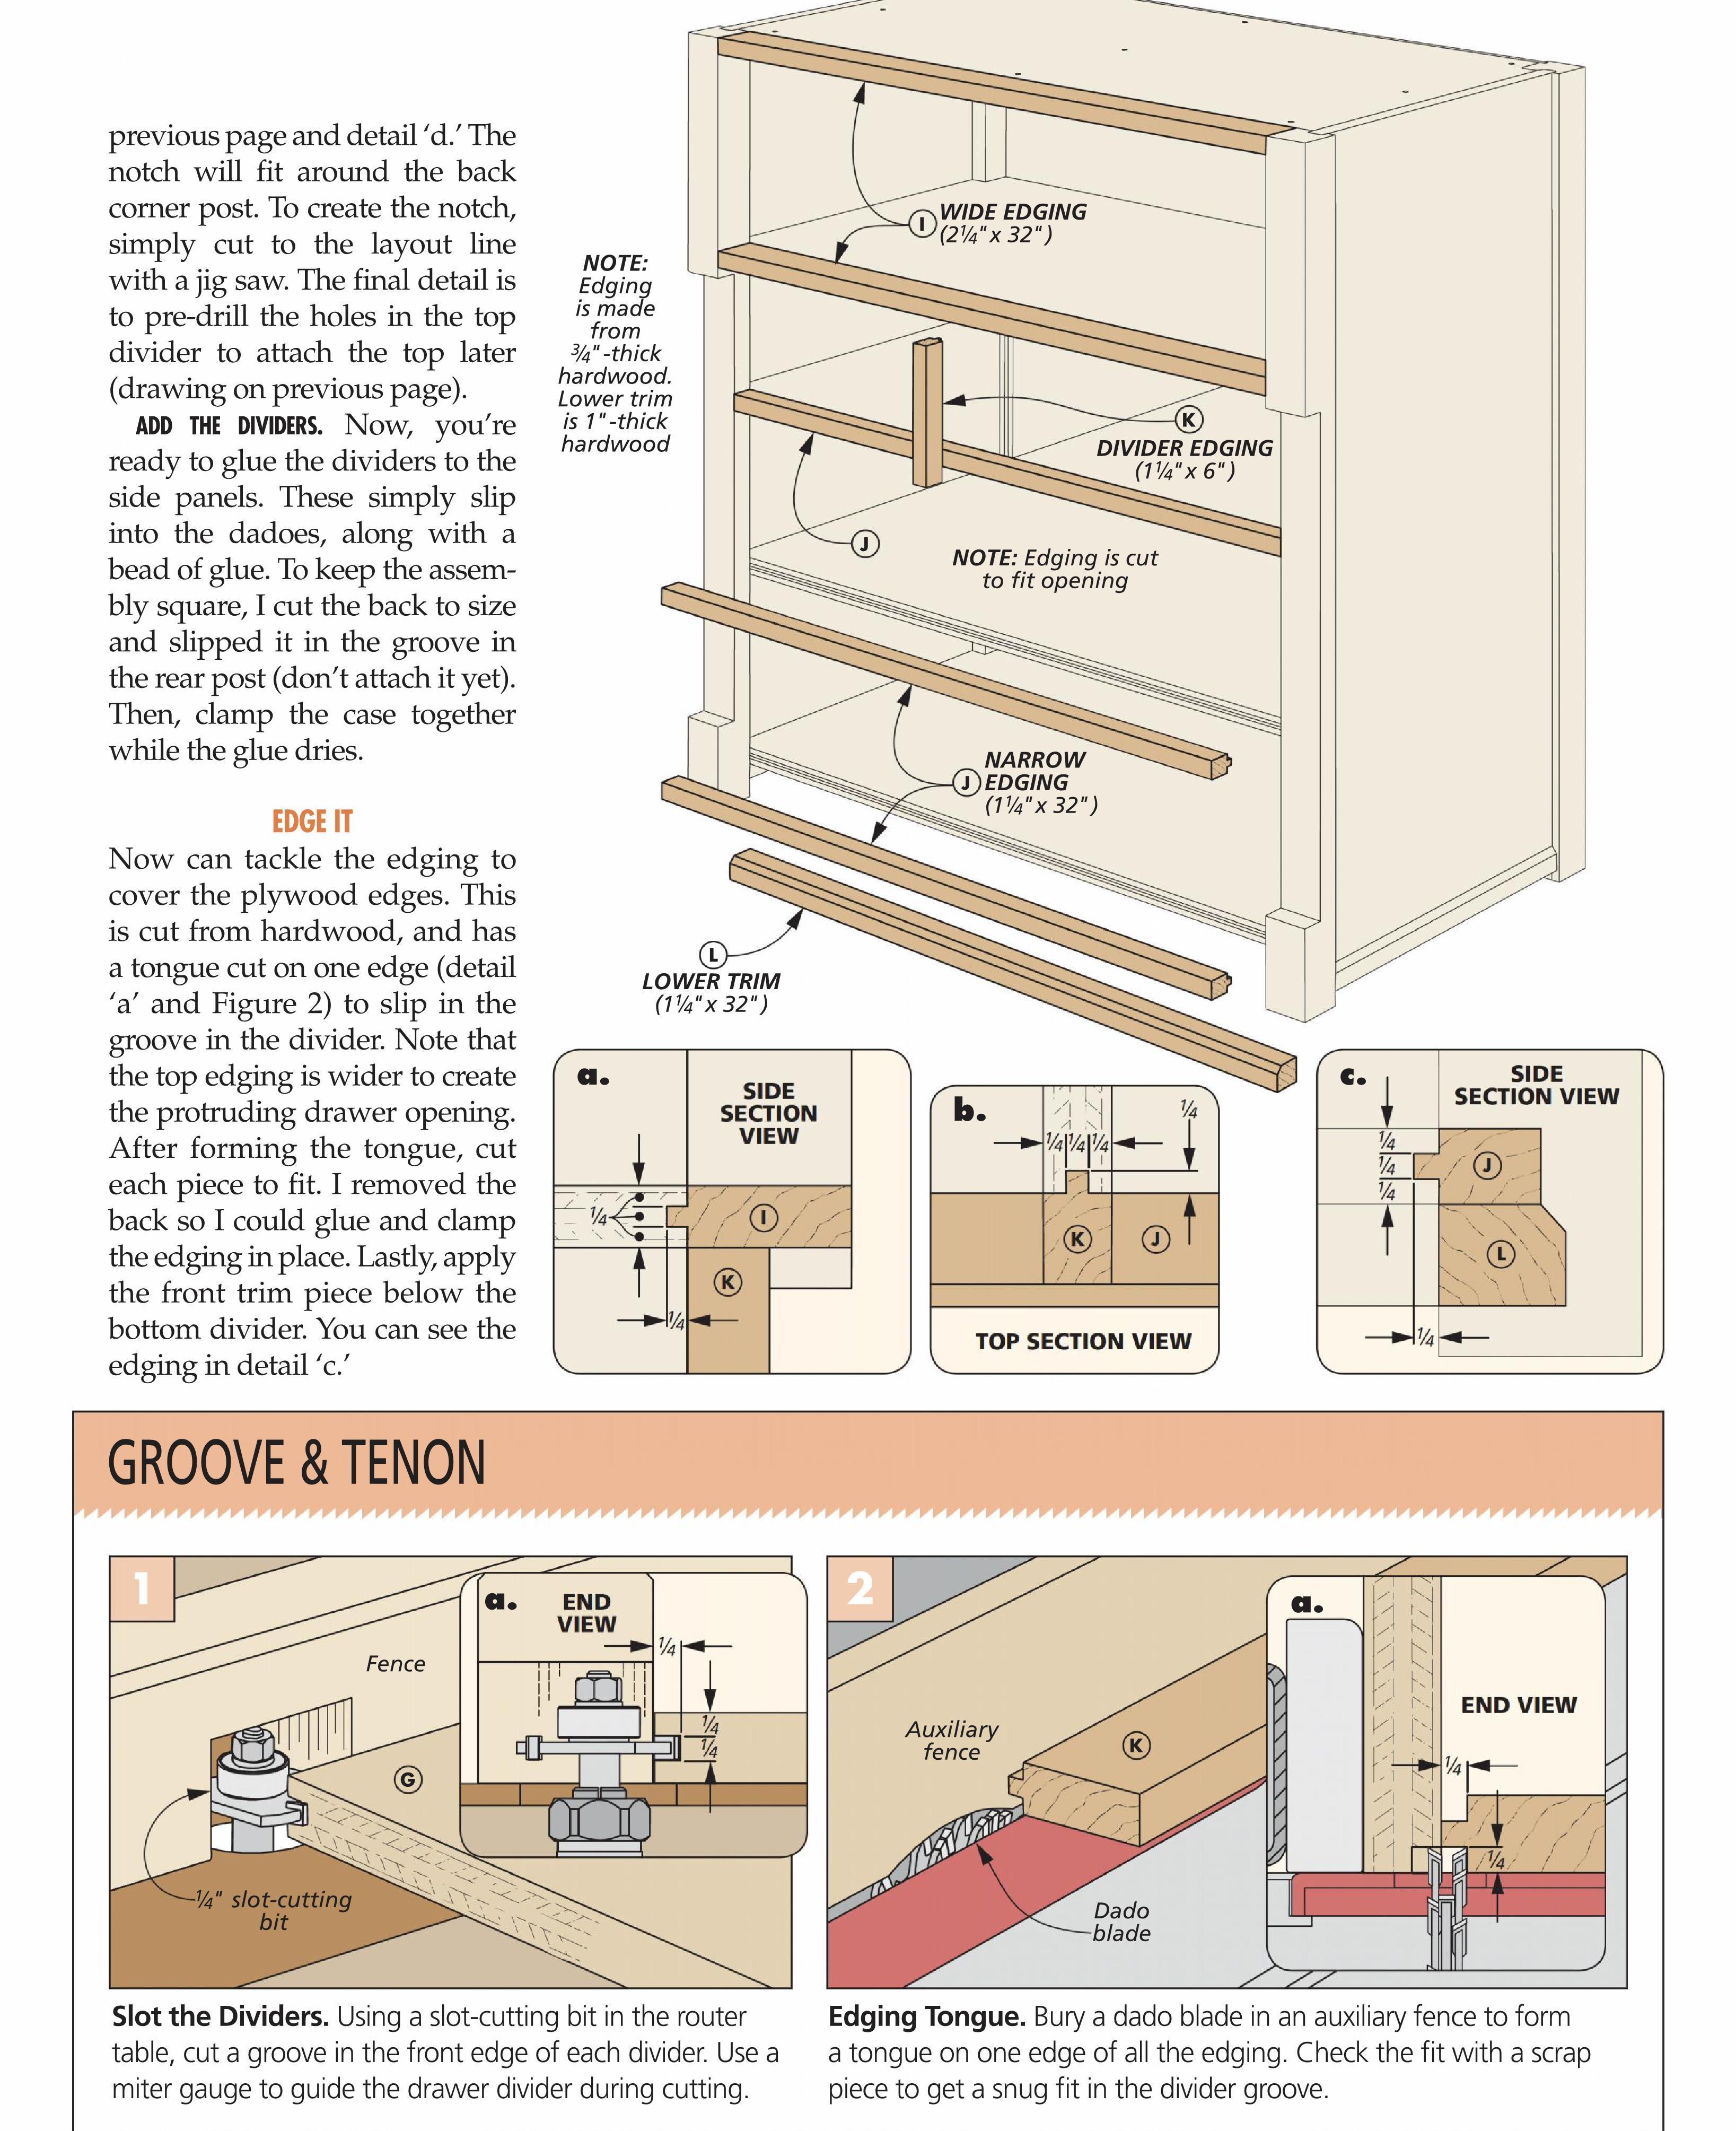 Как сделать комод своими руками: делаем комод из дерева, несколько вариантов + чертежи